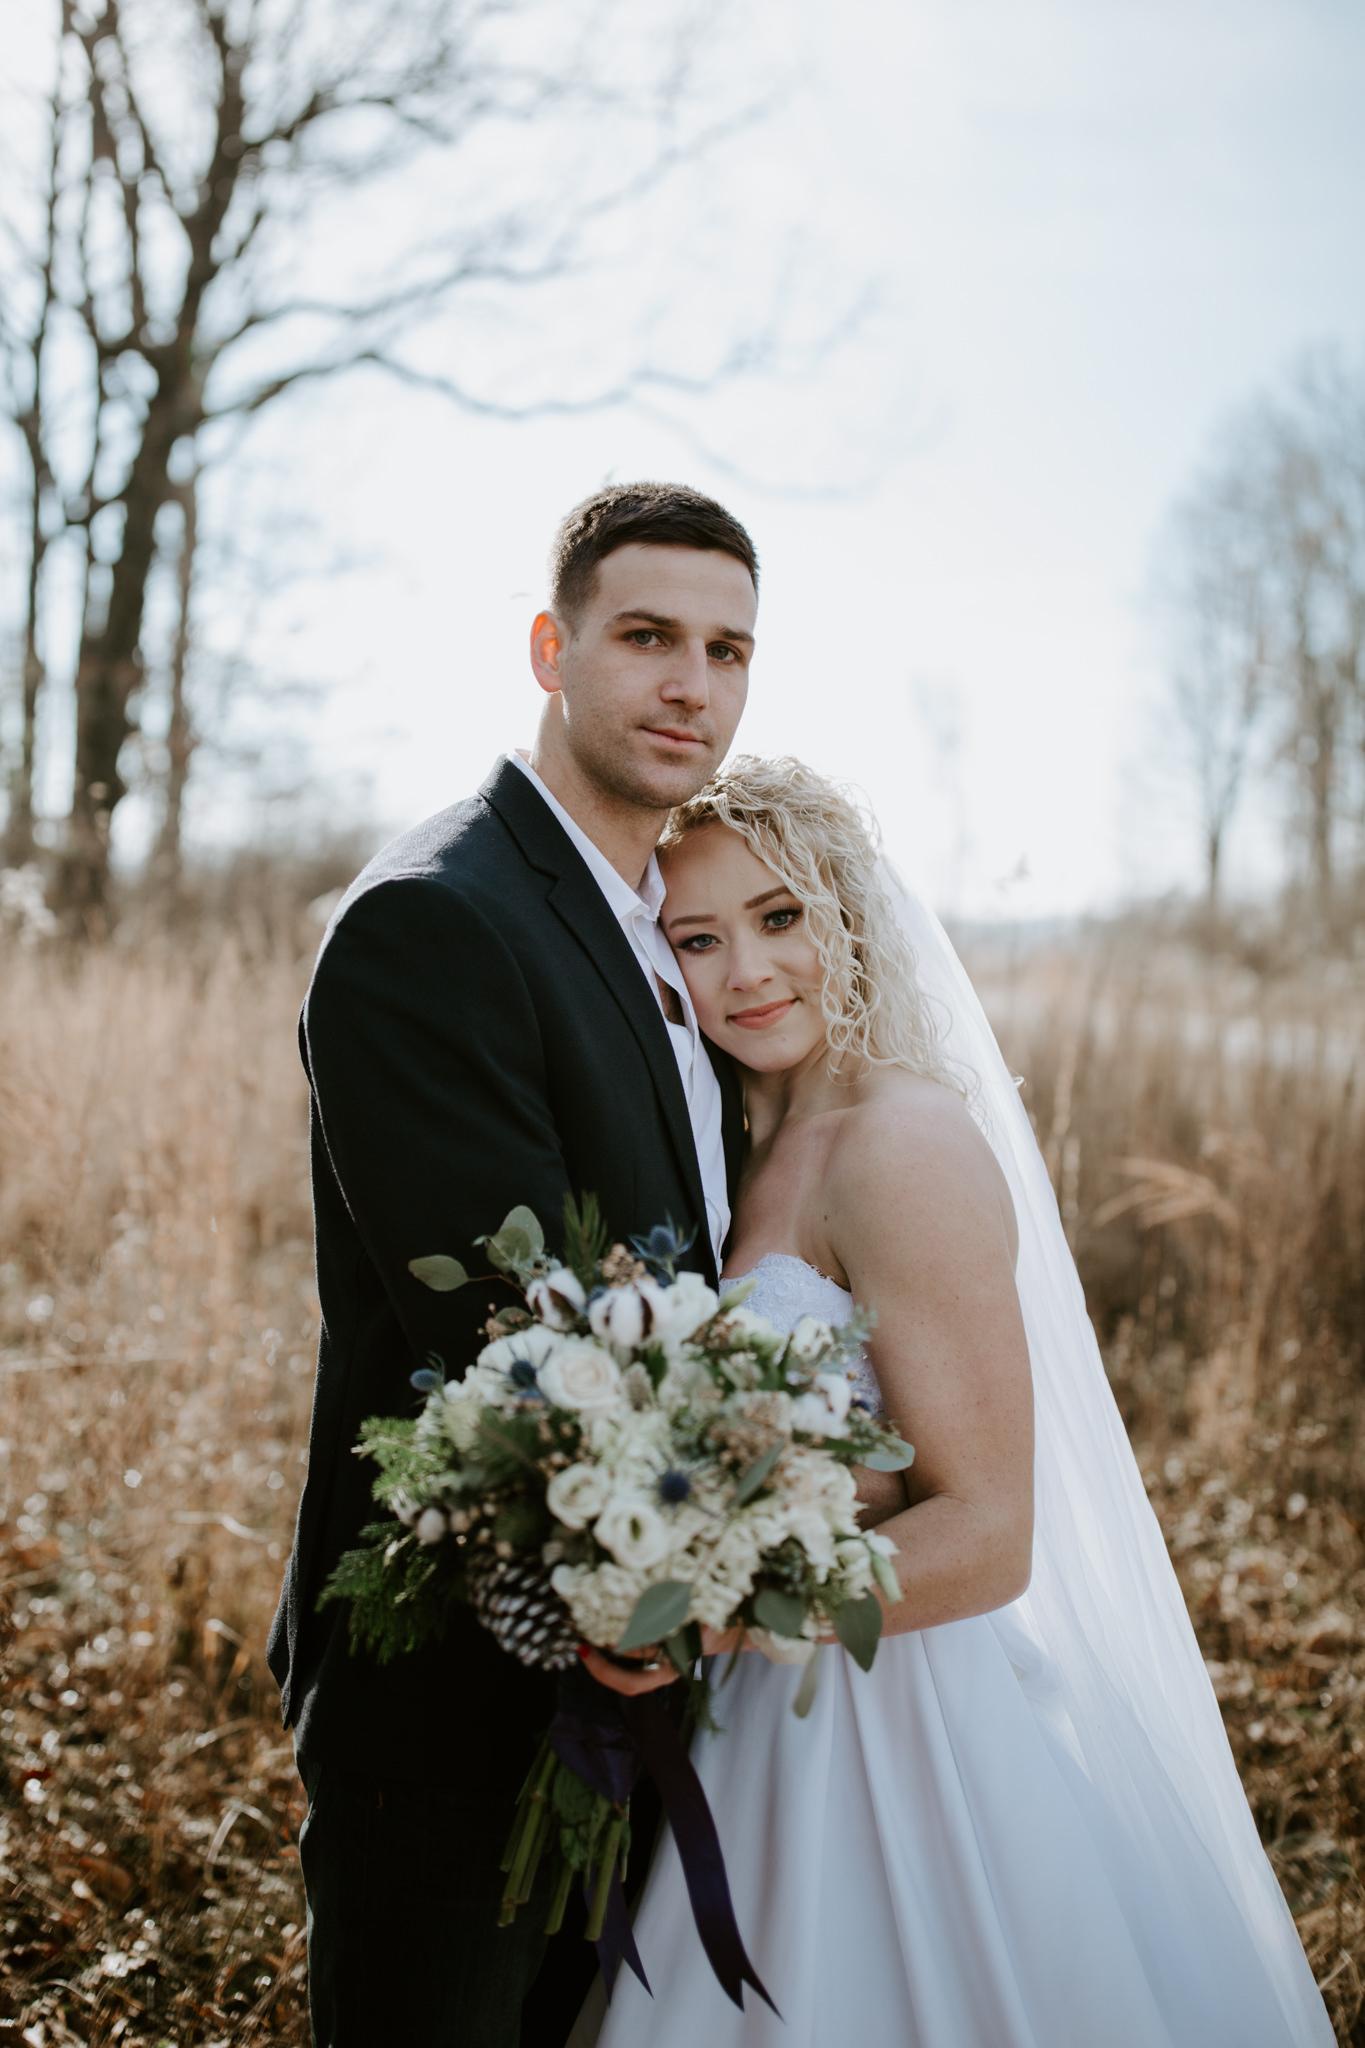 Lauren-and-Trent-Chattanooga-Nashville-Wedding-Elopement-Photographer-52.jpg